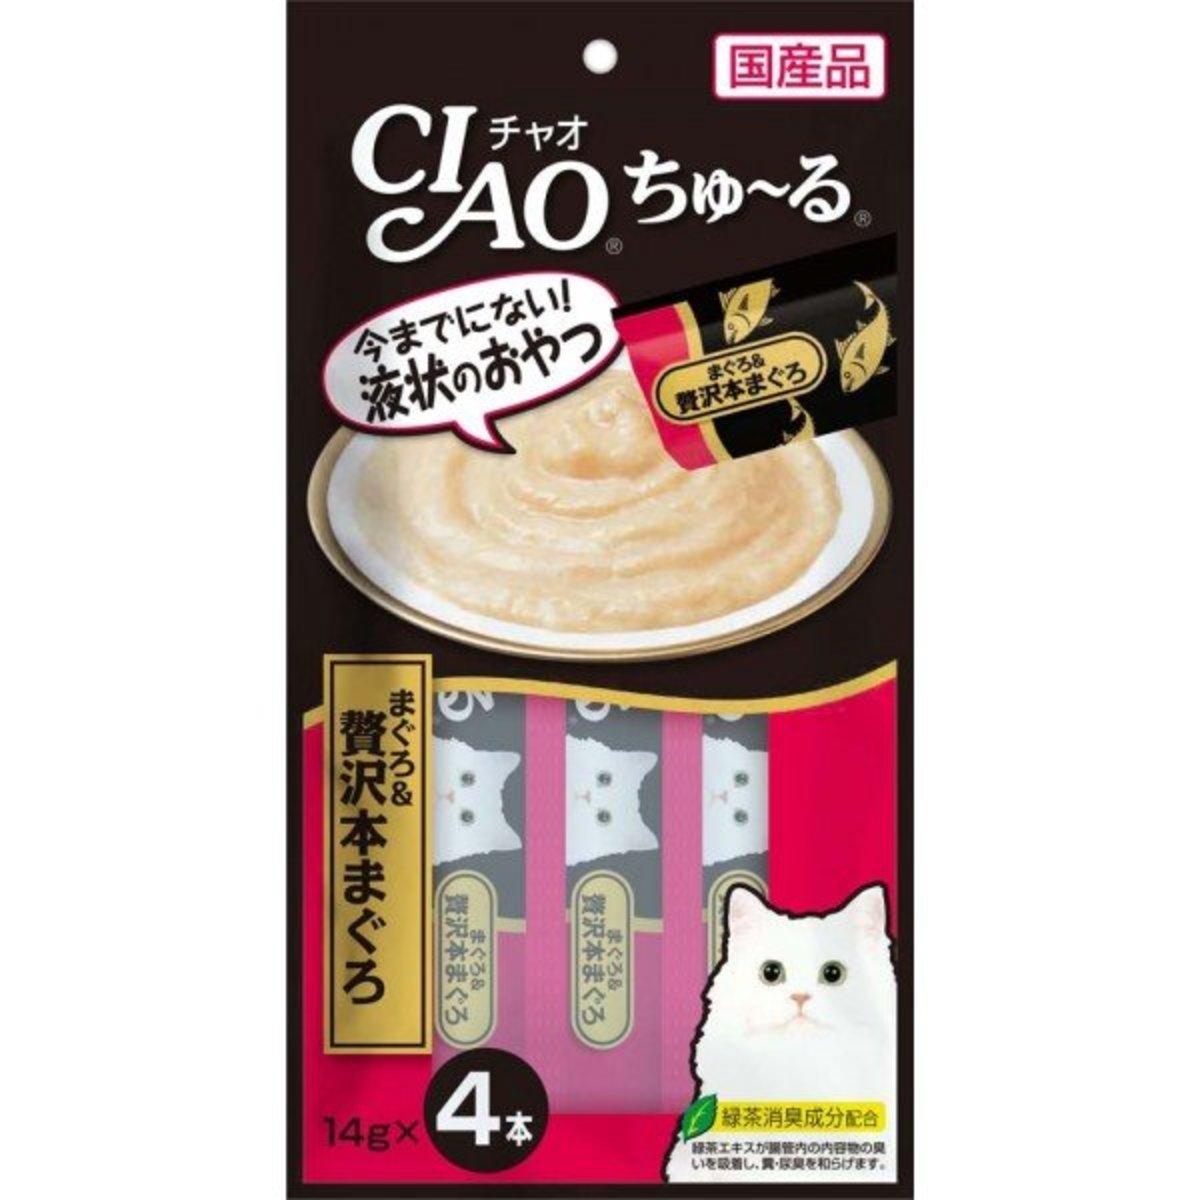 CIAO Churu Luxury Tuna Puree (14g x 4) #SC-150